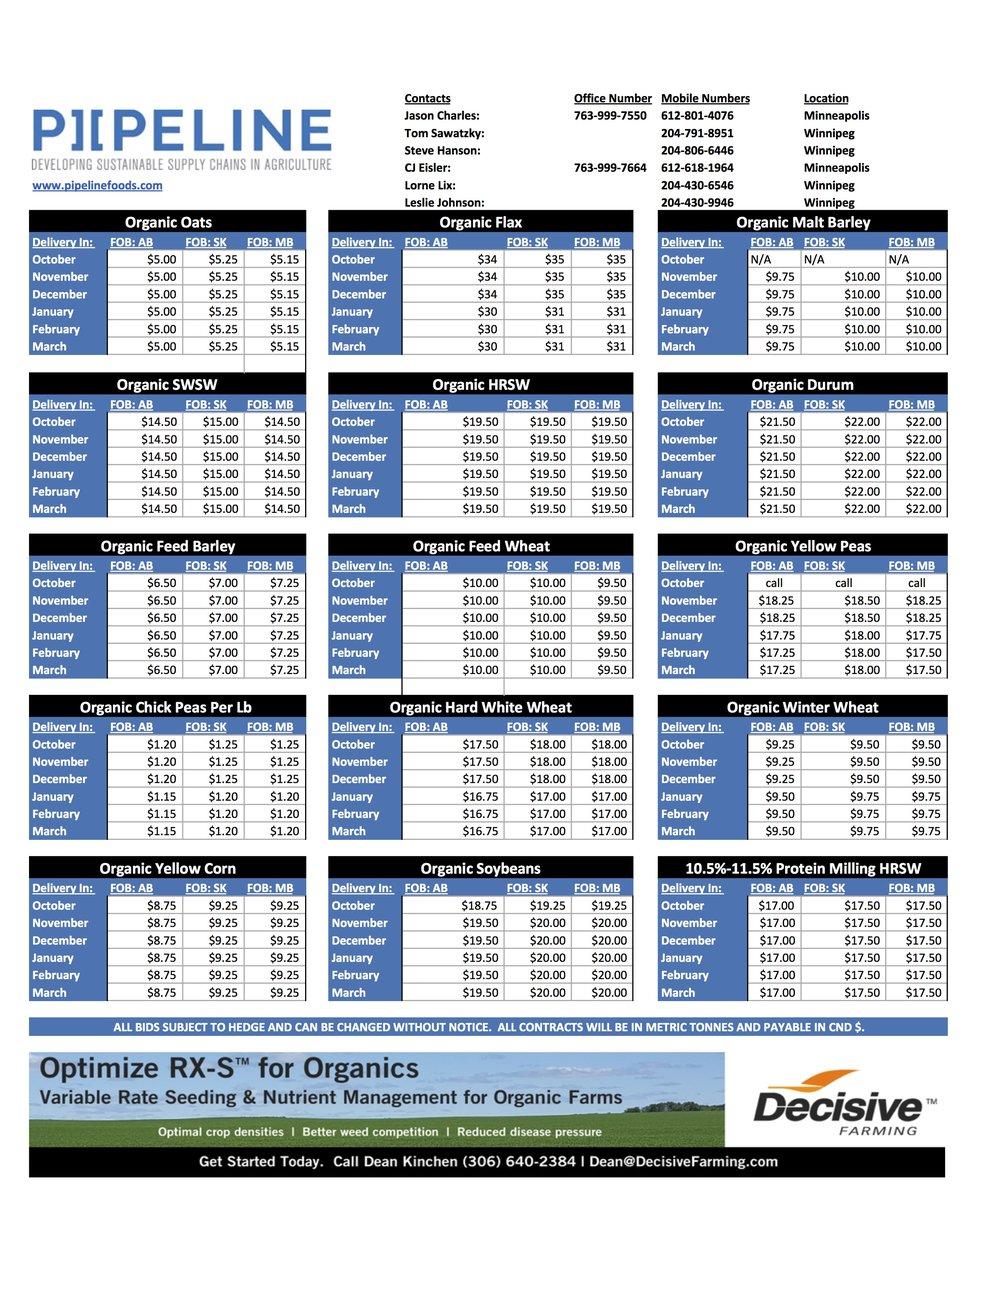 Bid sheet 10-10-17.jpg